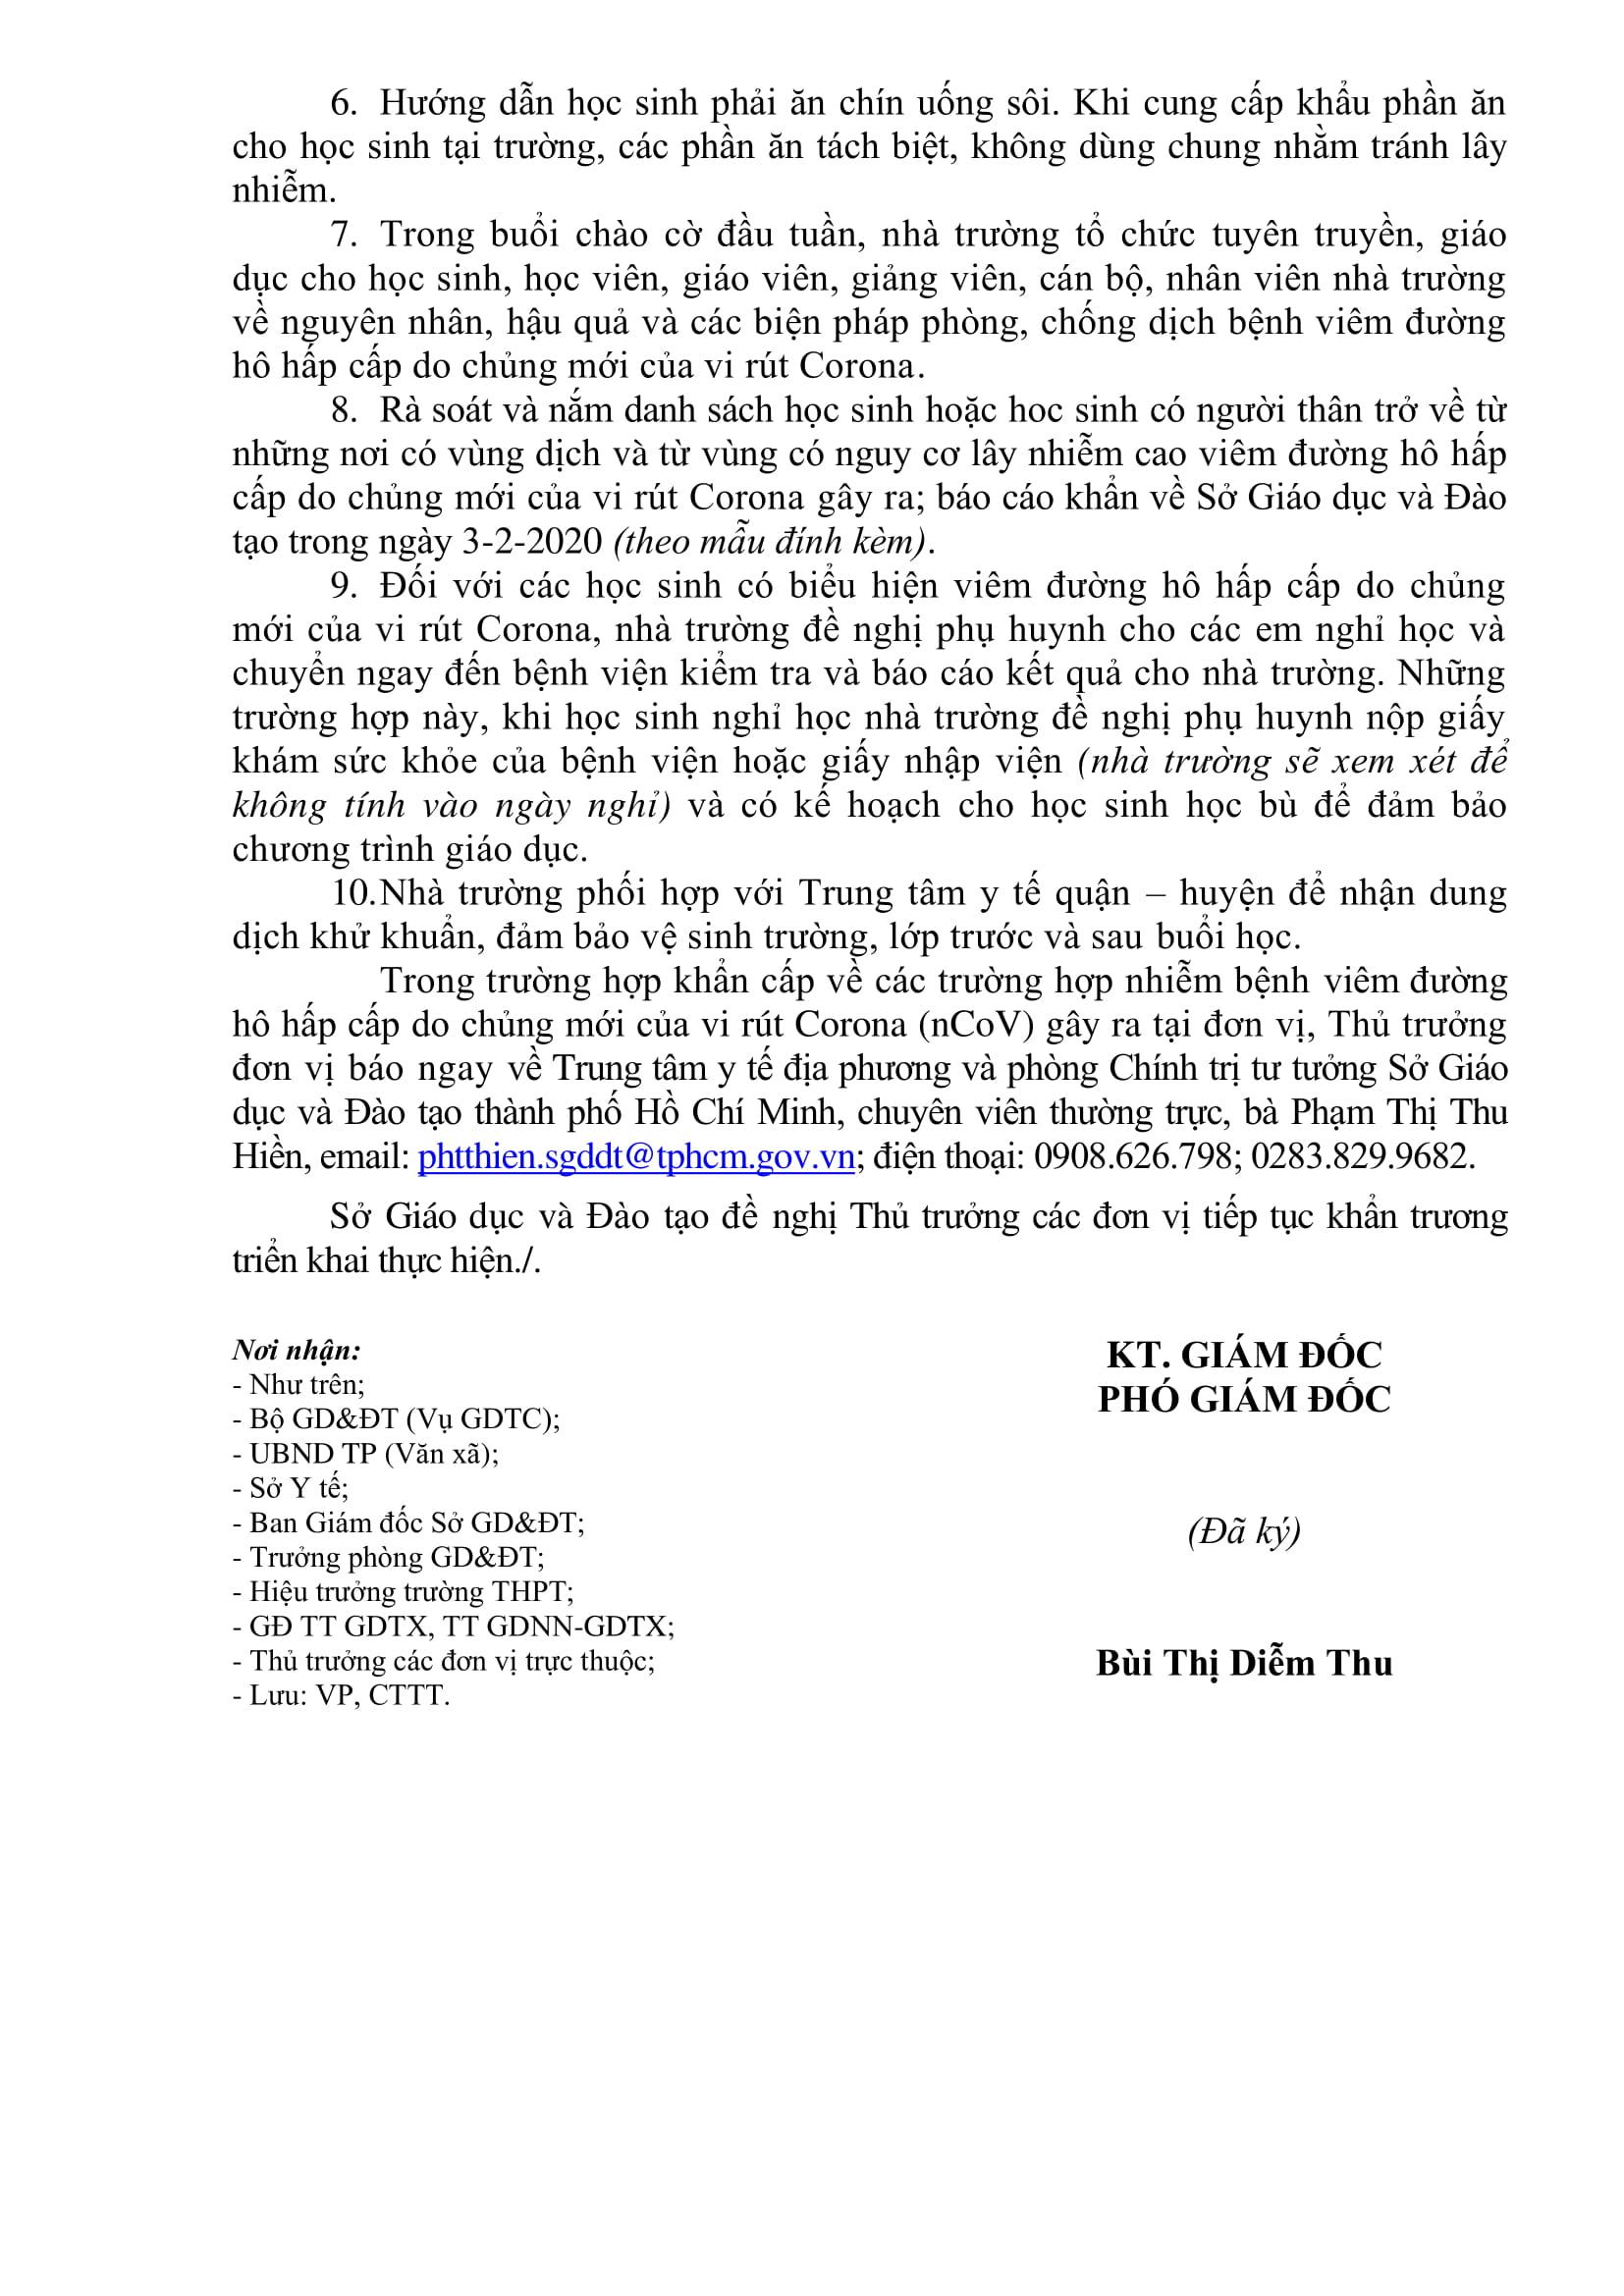 01 TB VE CONG TAC PHONG CHONG DICH BENH VIEM PHOI CAP 1